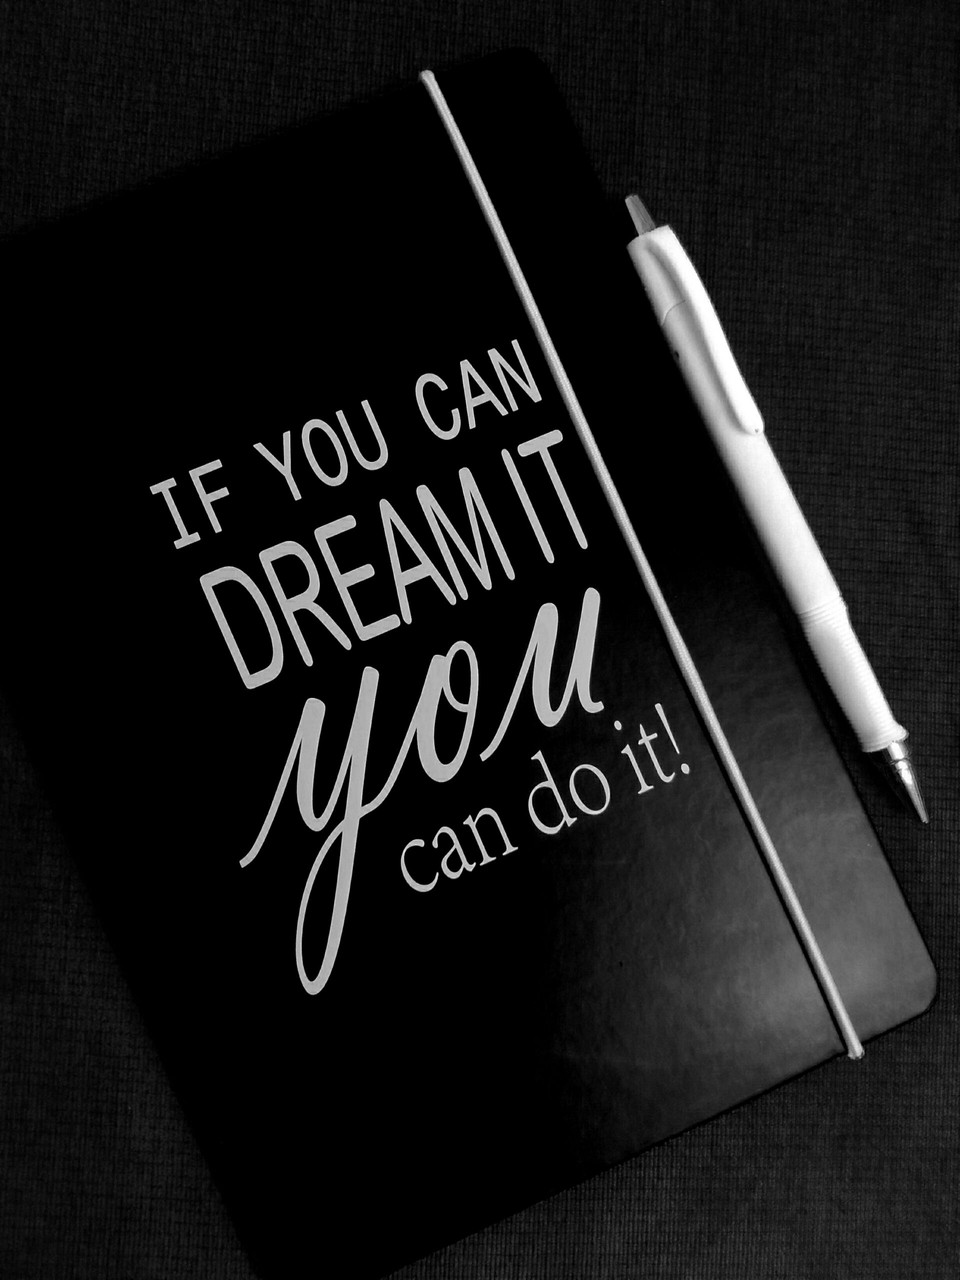 رویاهای بزرگی داشته باشید و به خودتان اجازه رویاپردازی بدهید